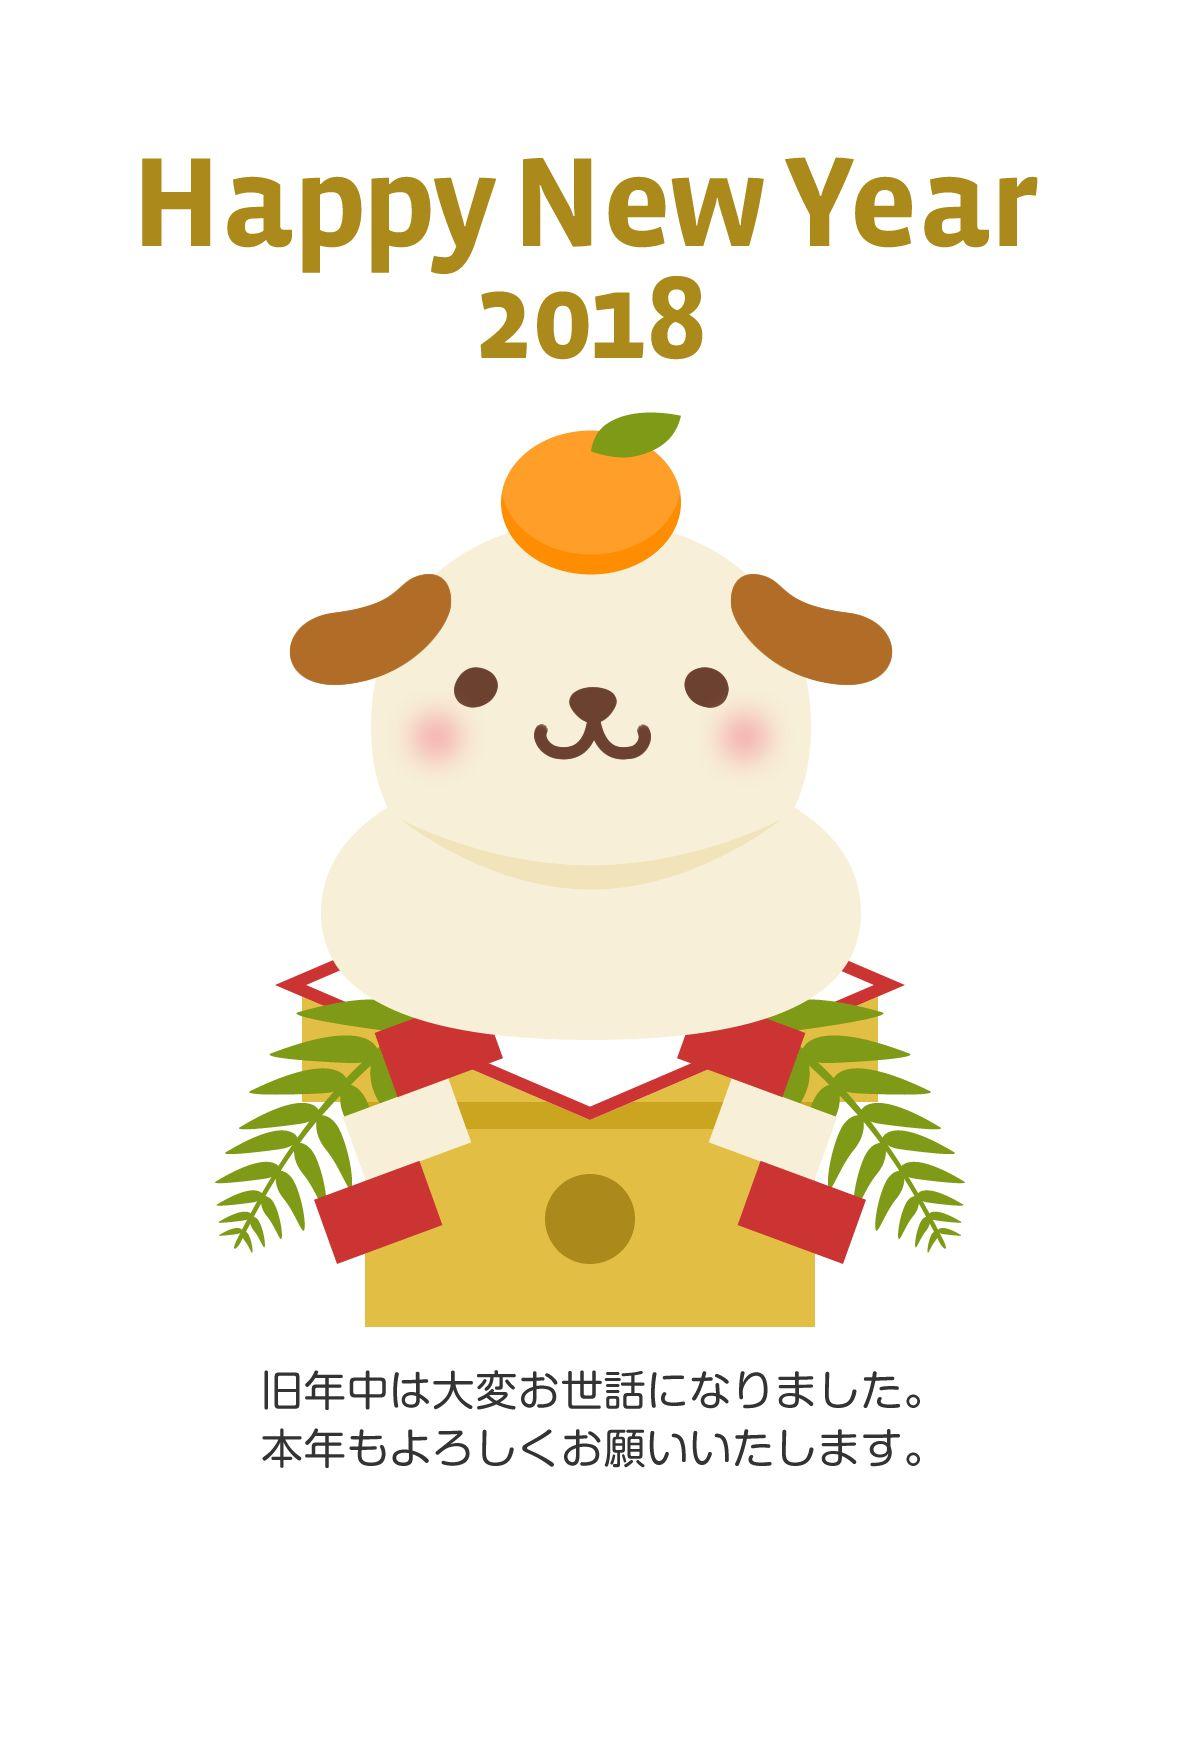 年賀状2018無料テンプレート]鏡餅になった犬 | new year | pinterest